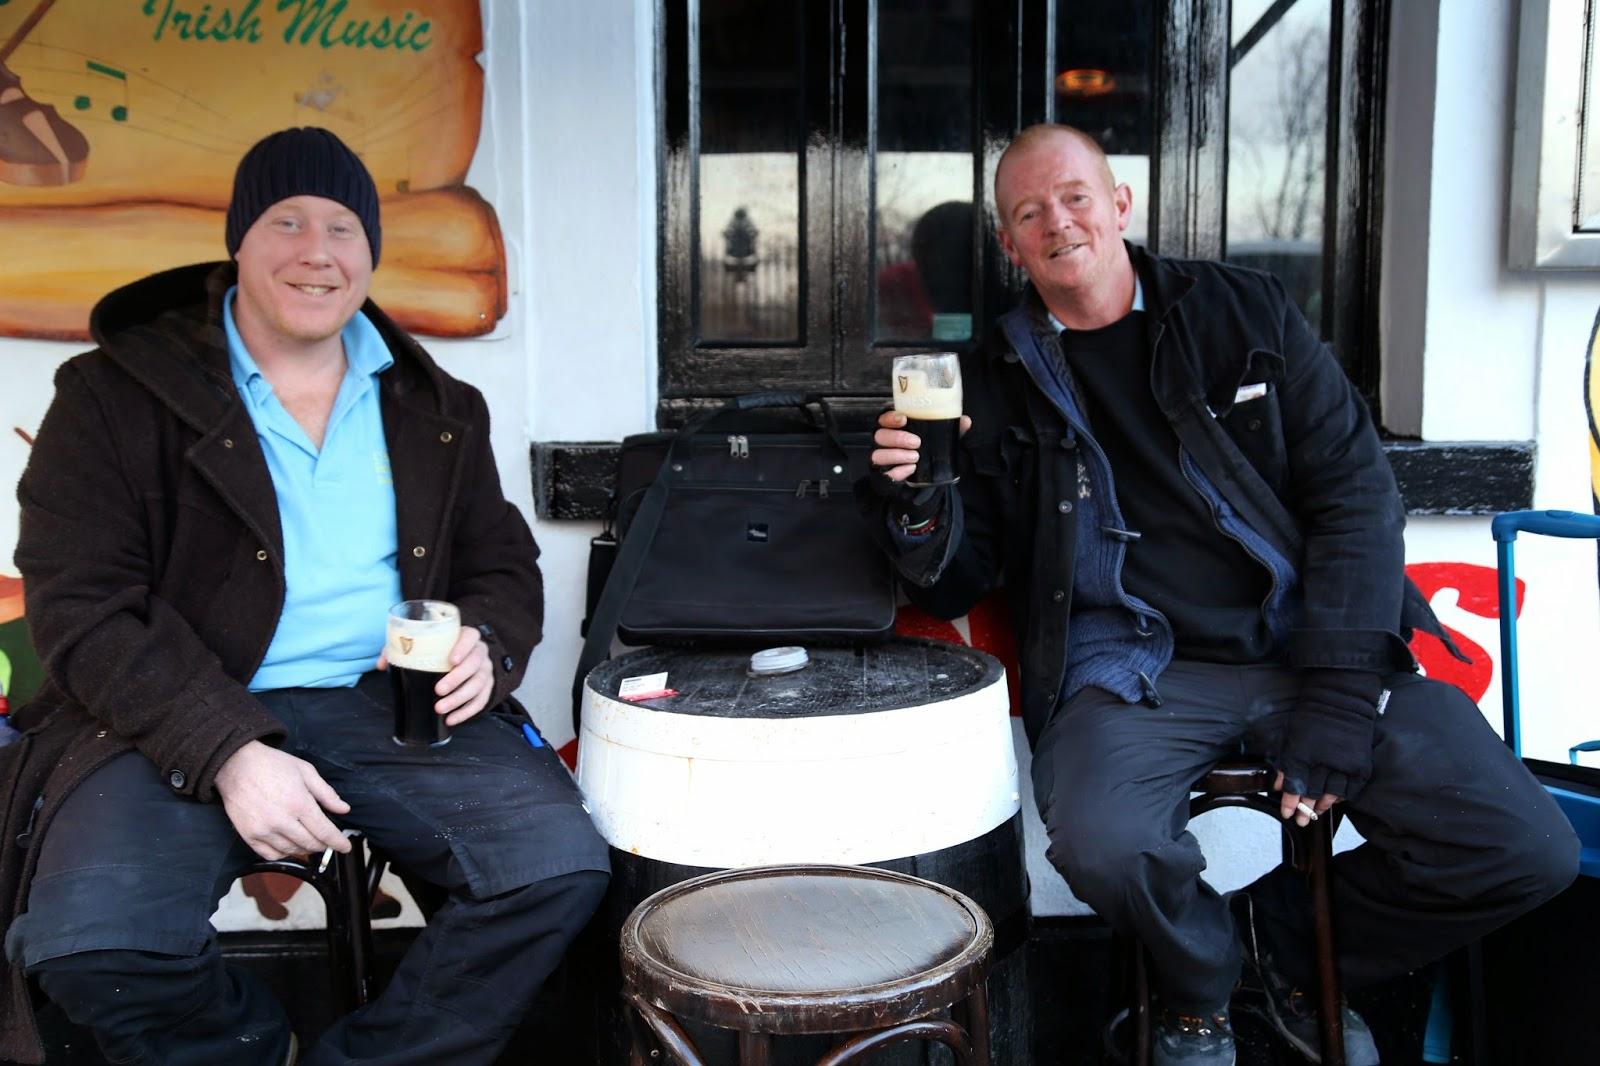 guinness drinkers, Dublin